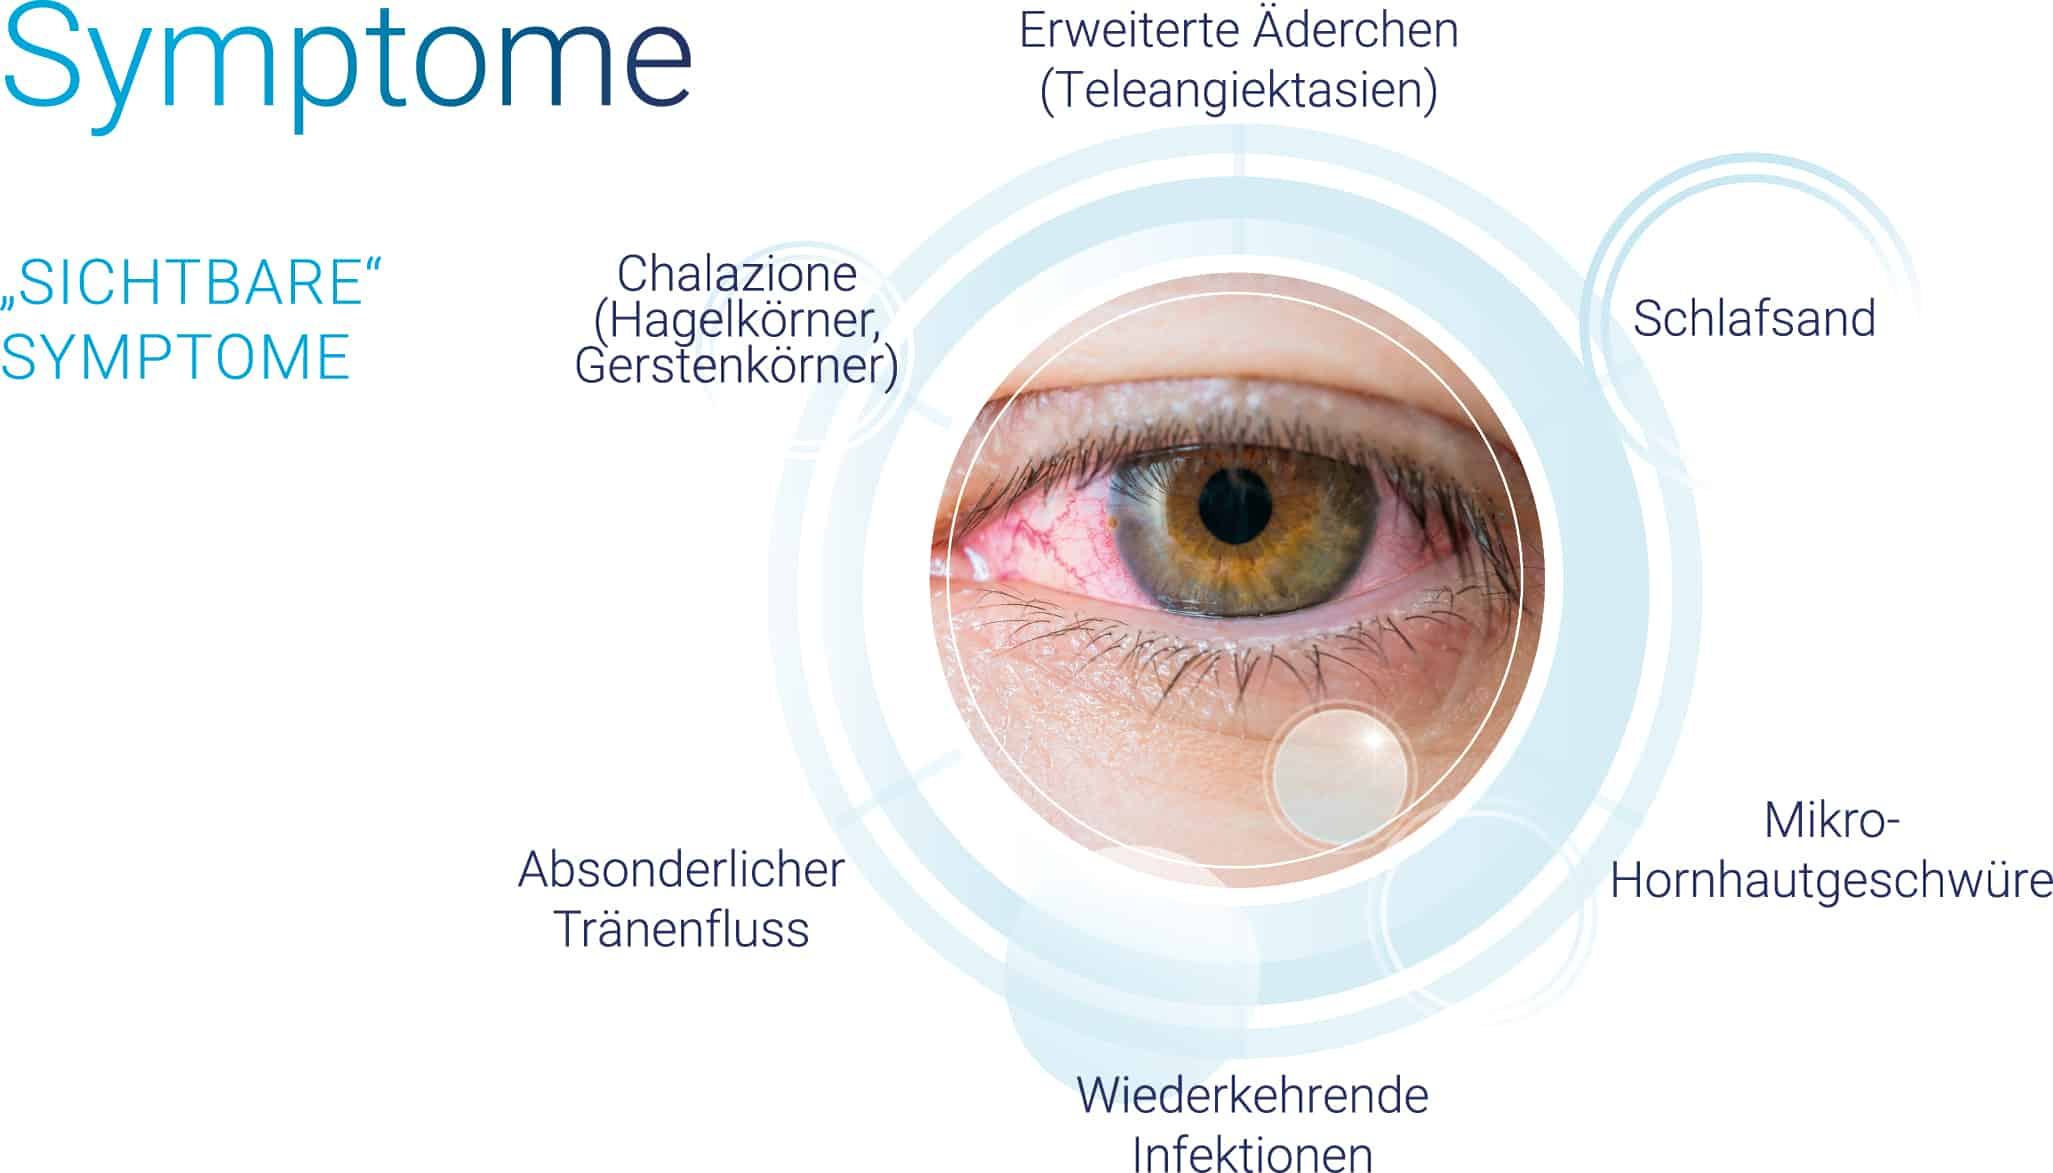 trockene Augen - Symptome: erweiterte Äderchen | Schlafsand | Hornhautgeschwüre | Infektionen | Tränenfluss | Gerstenkörner